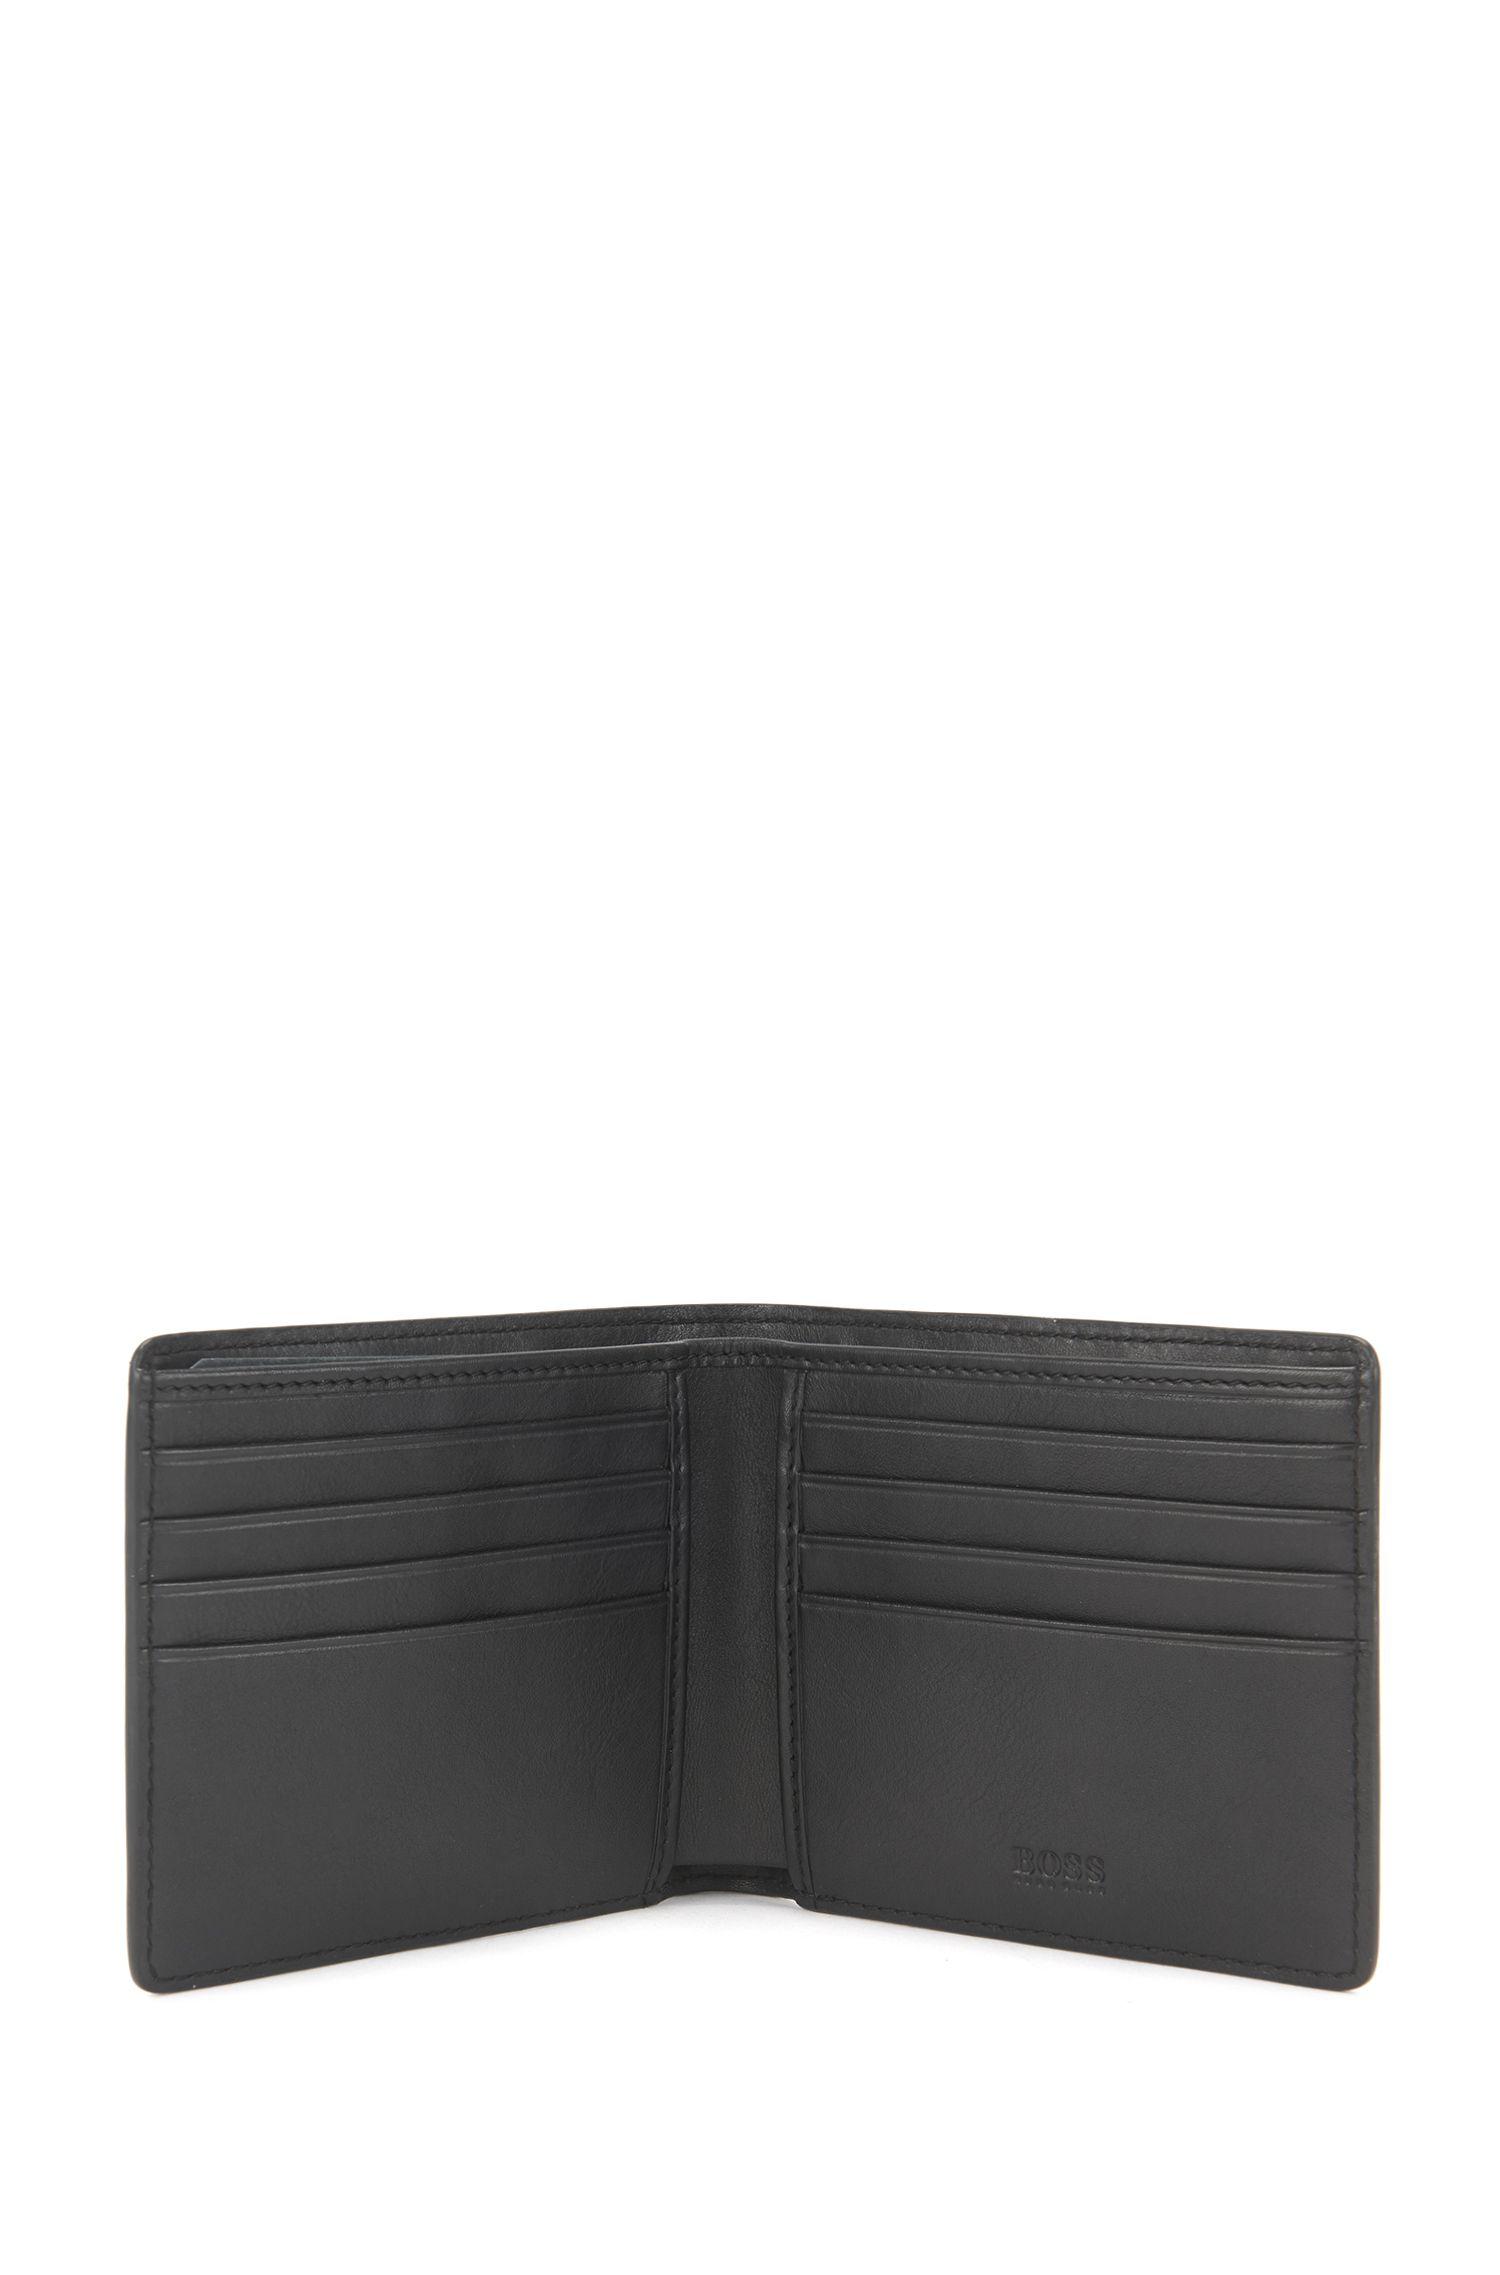 Coffret cadeau en cuir embossé avec portefeuille et porte-cartes UpKUBe2zH2